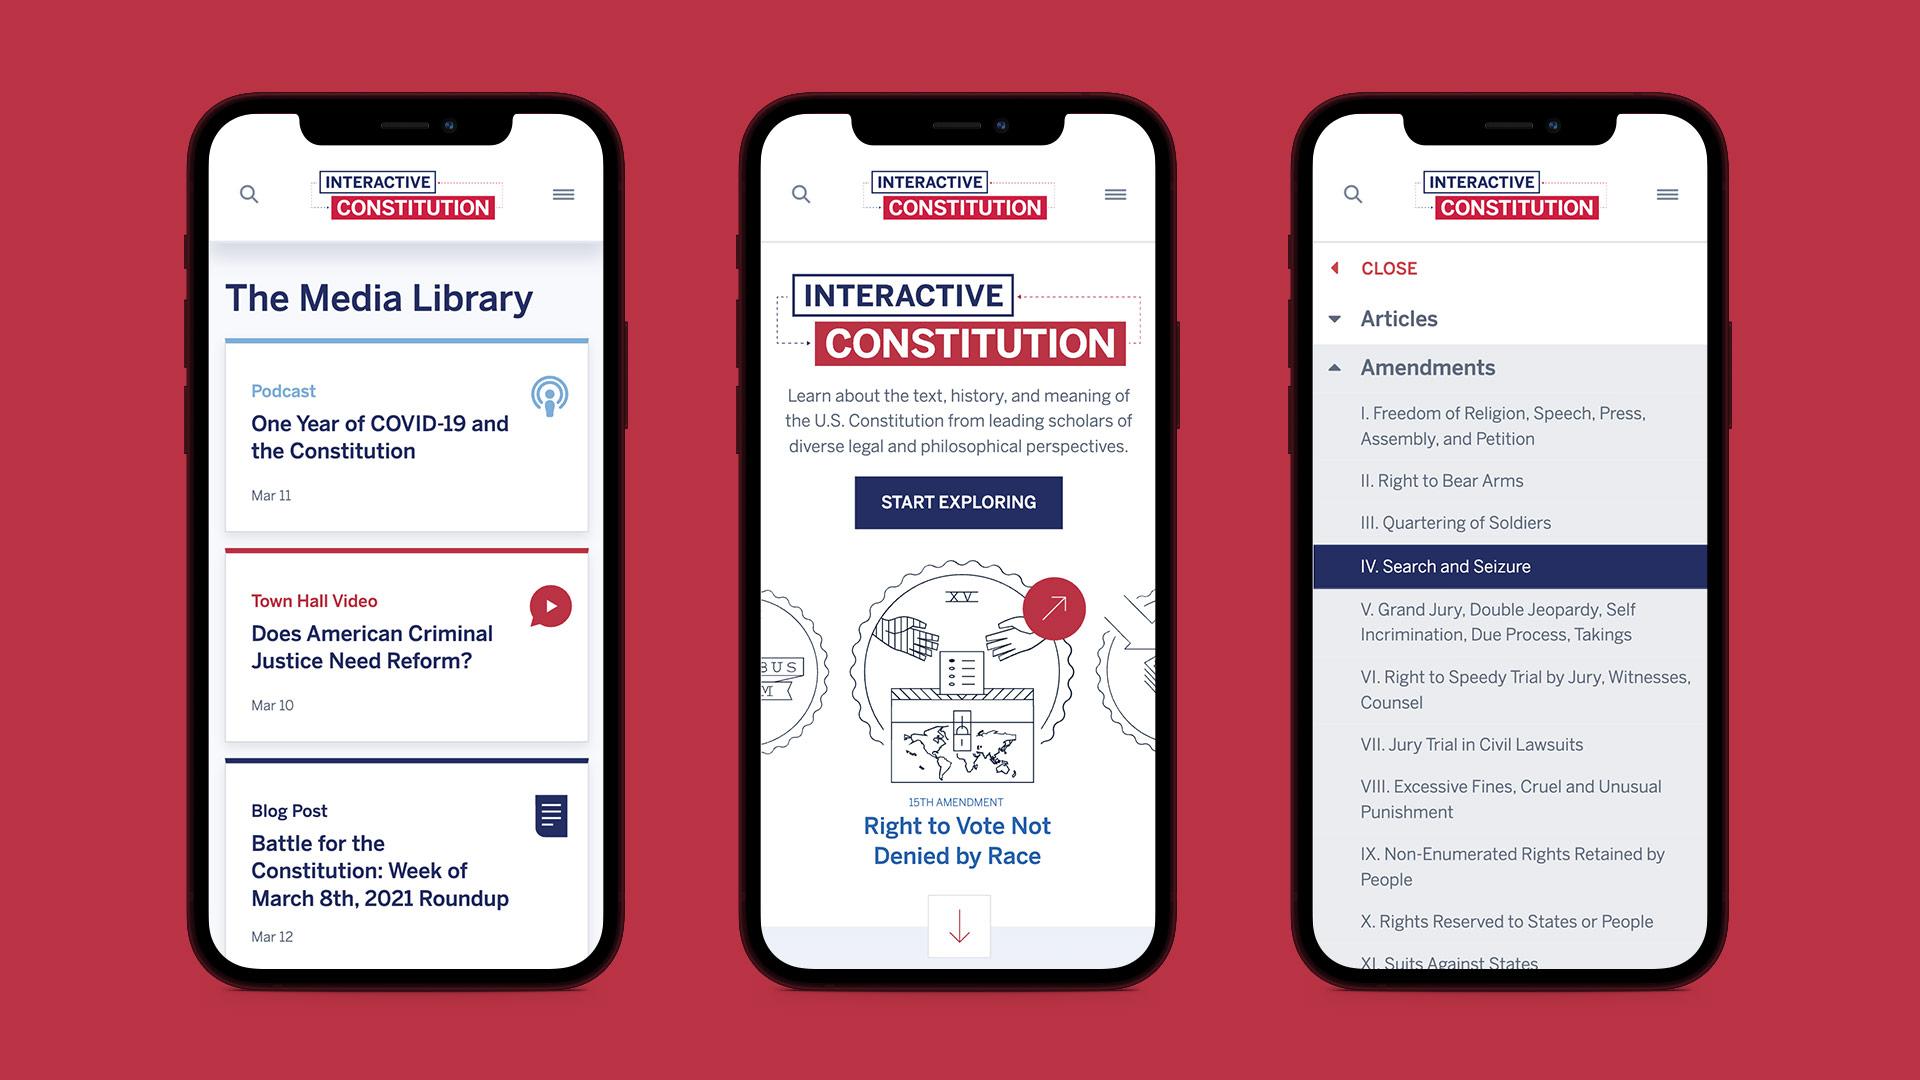 interactive-constitution-8